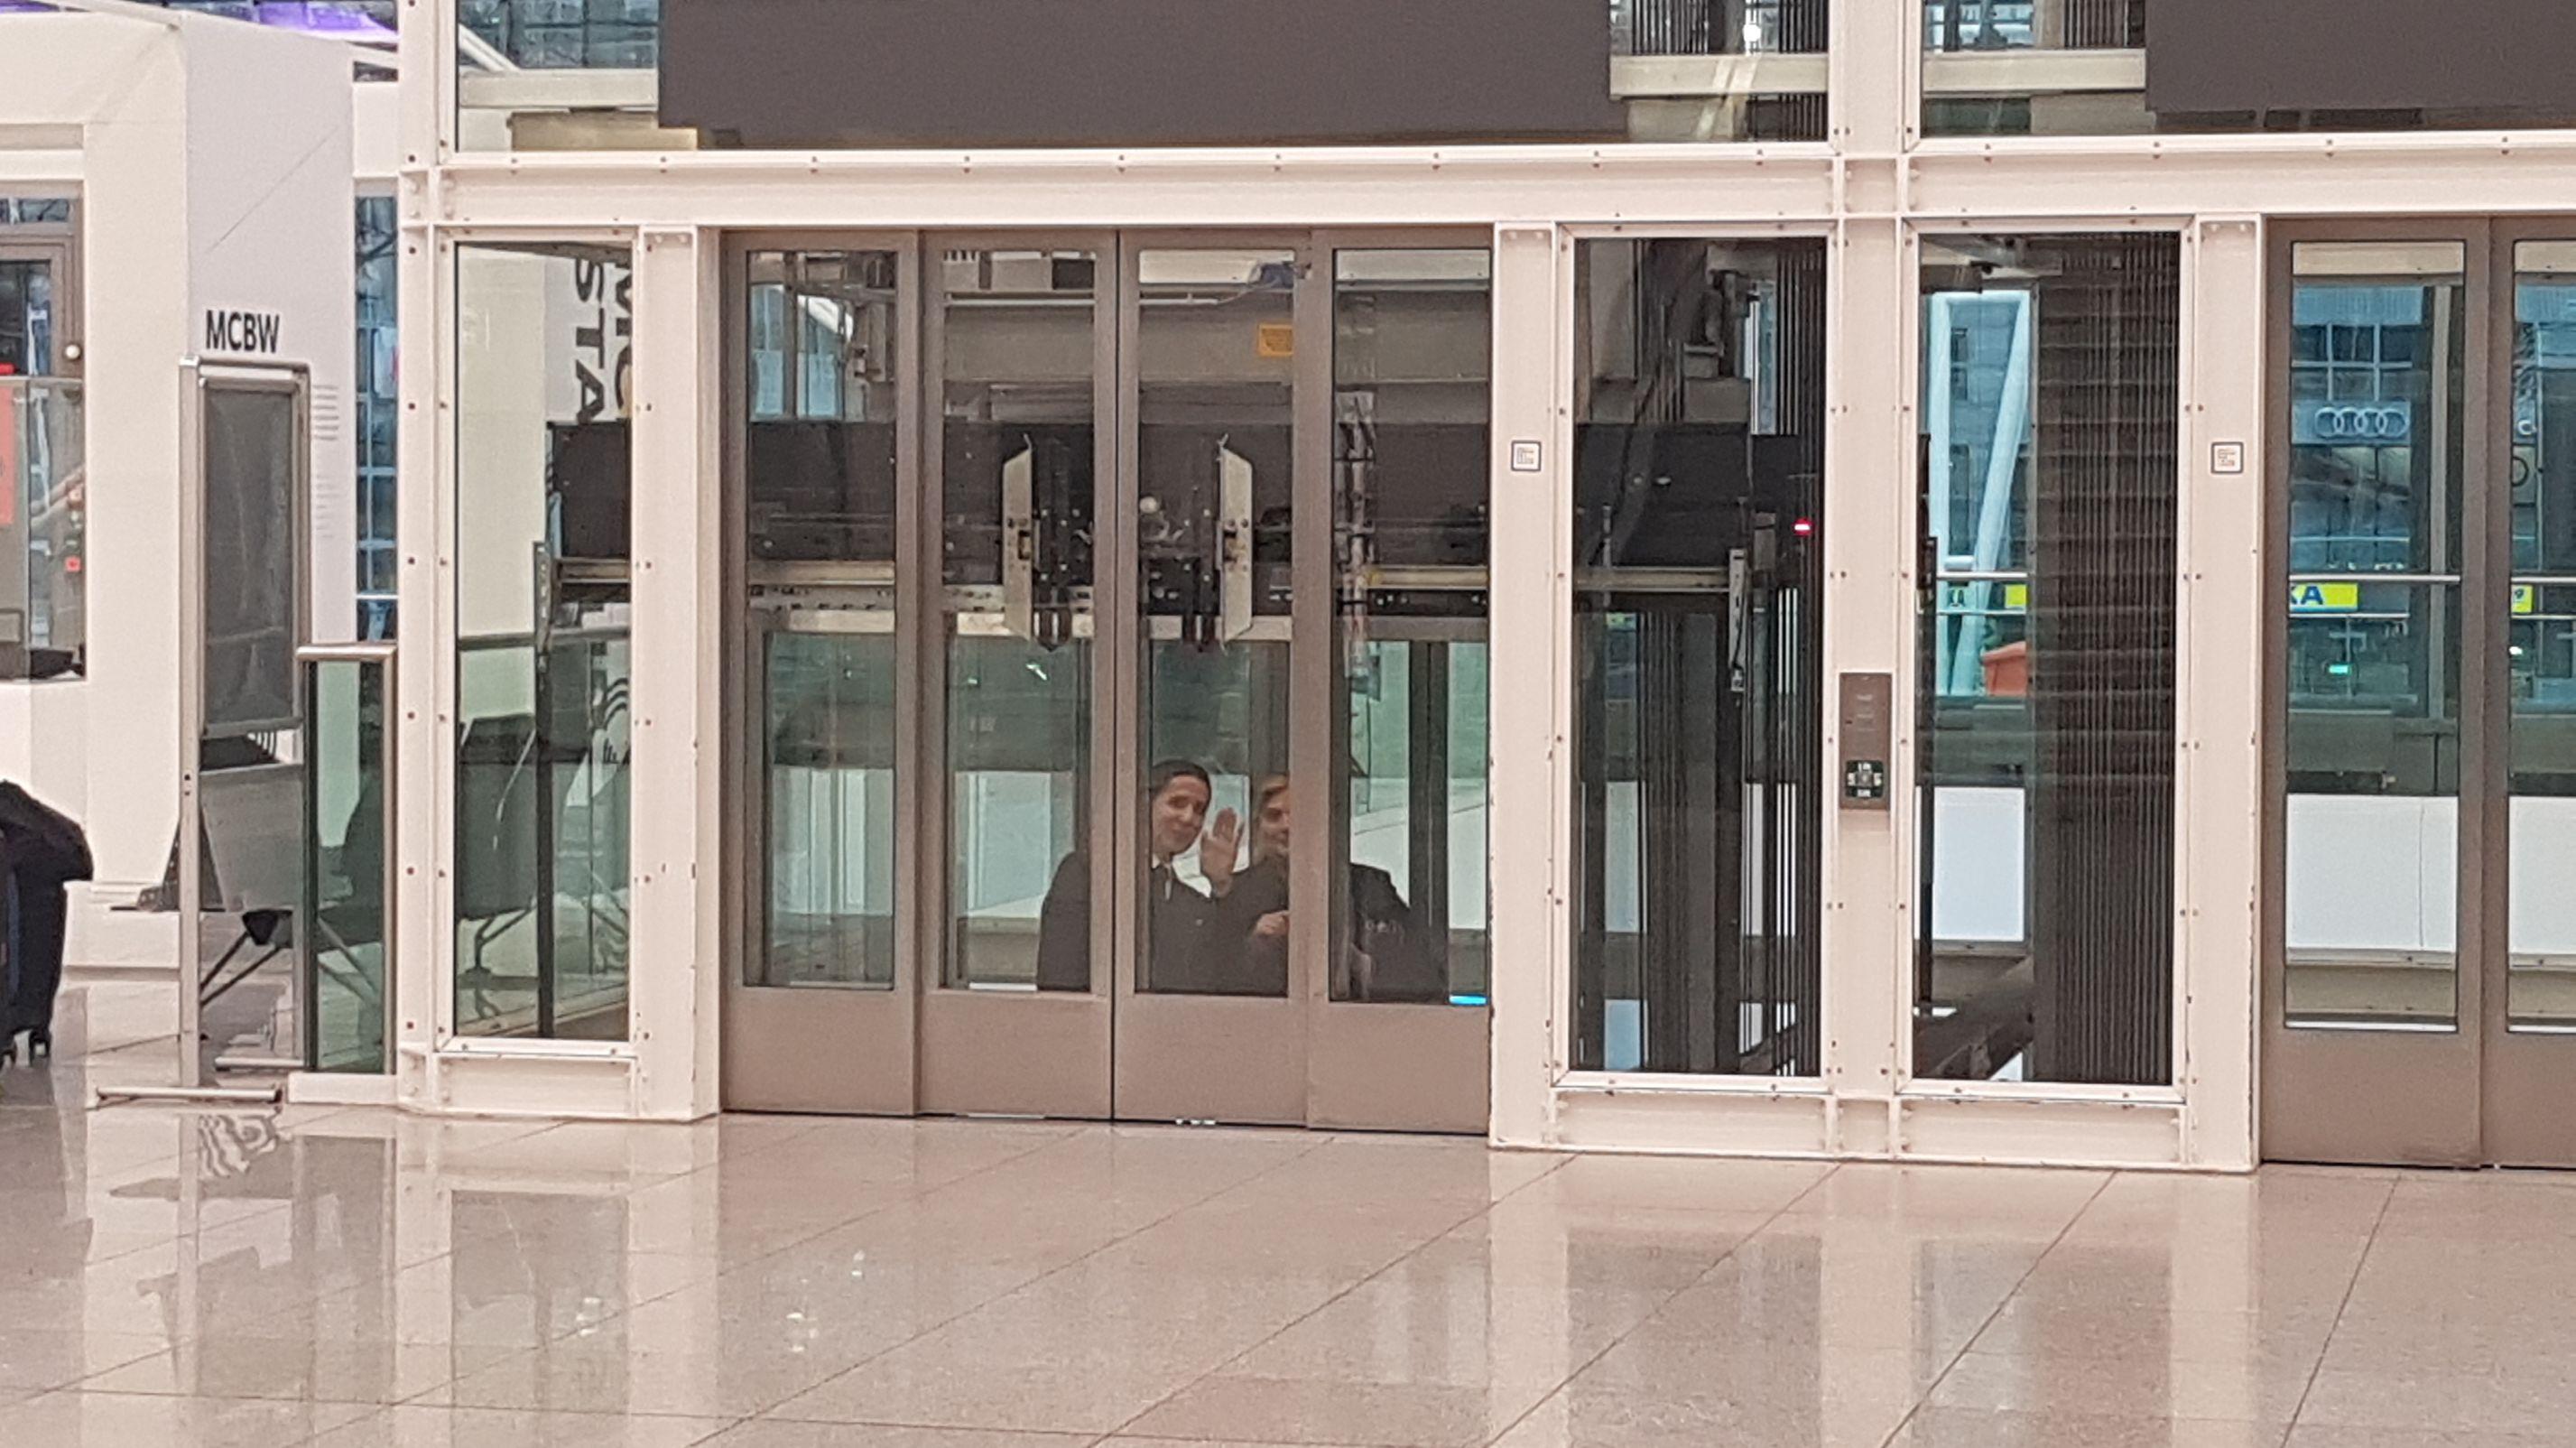 Am Münchner Flughafen ist teilweise der Strom ausgefallen. Diese beiden Fahrgäste stecken im Aufzug fest - aber sie nehmen es mit Humor.